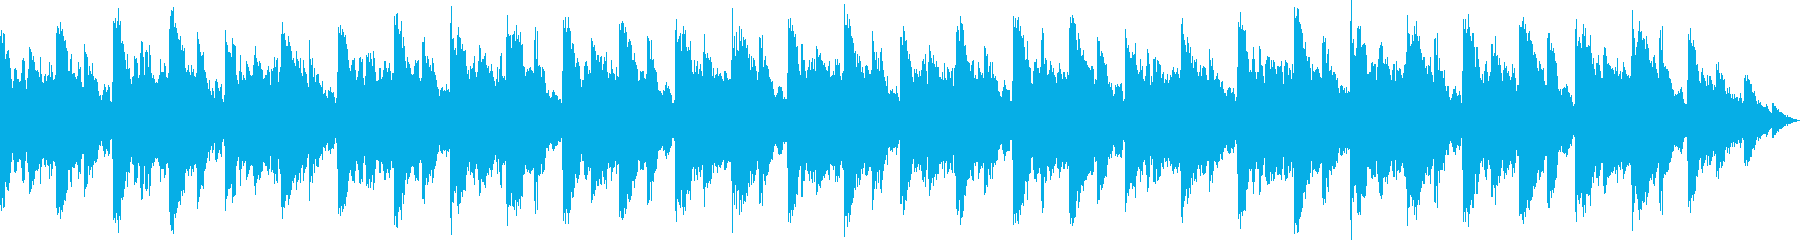 ファンタジーRPGのダンジョンを想定し…の再生済みの波形